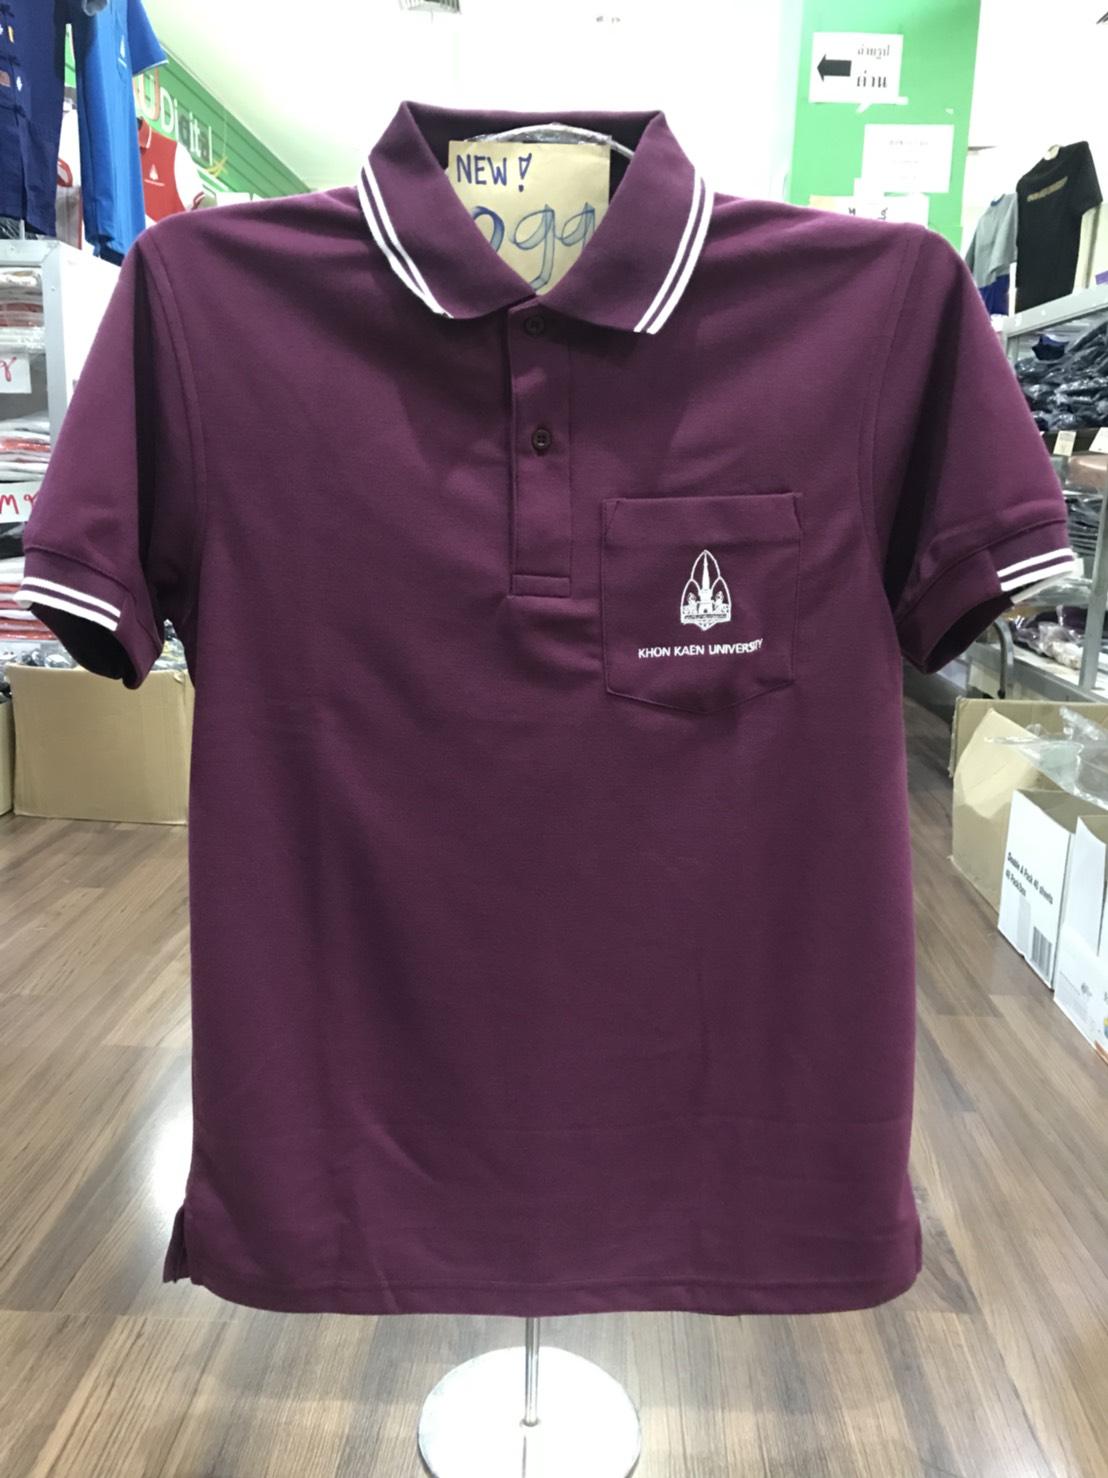 เสื้อโปโลสีเปลือกมังคุด size XL (ชาย)